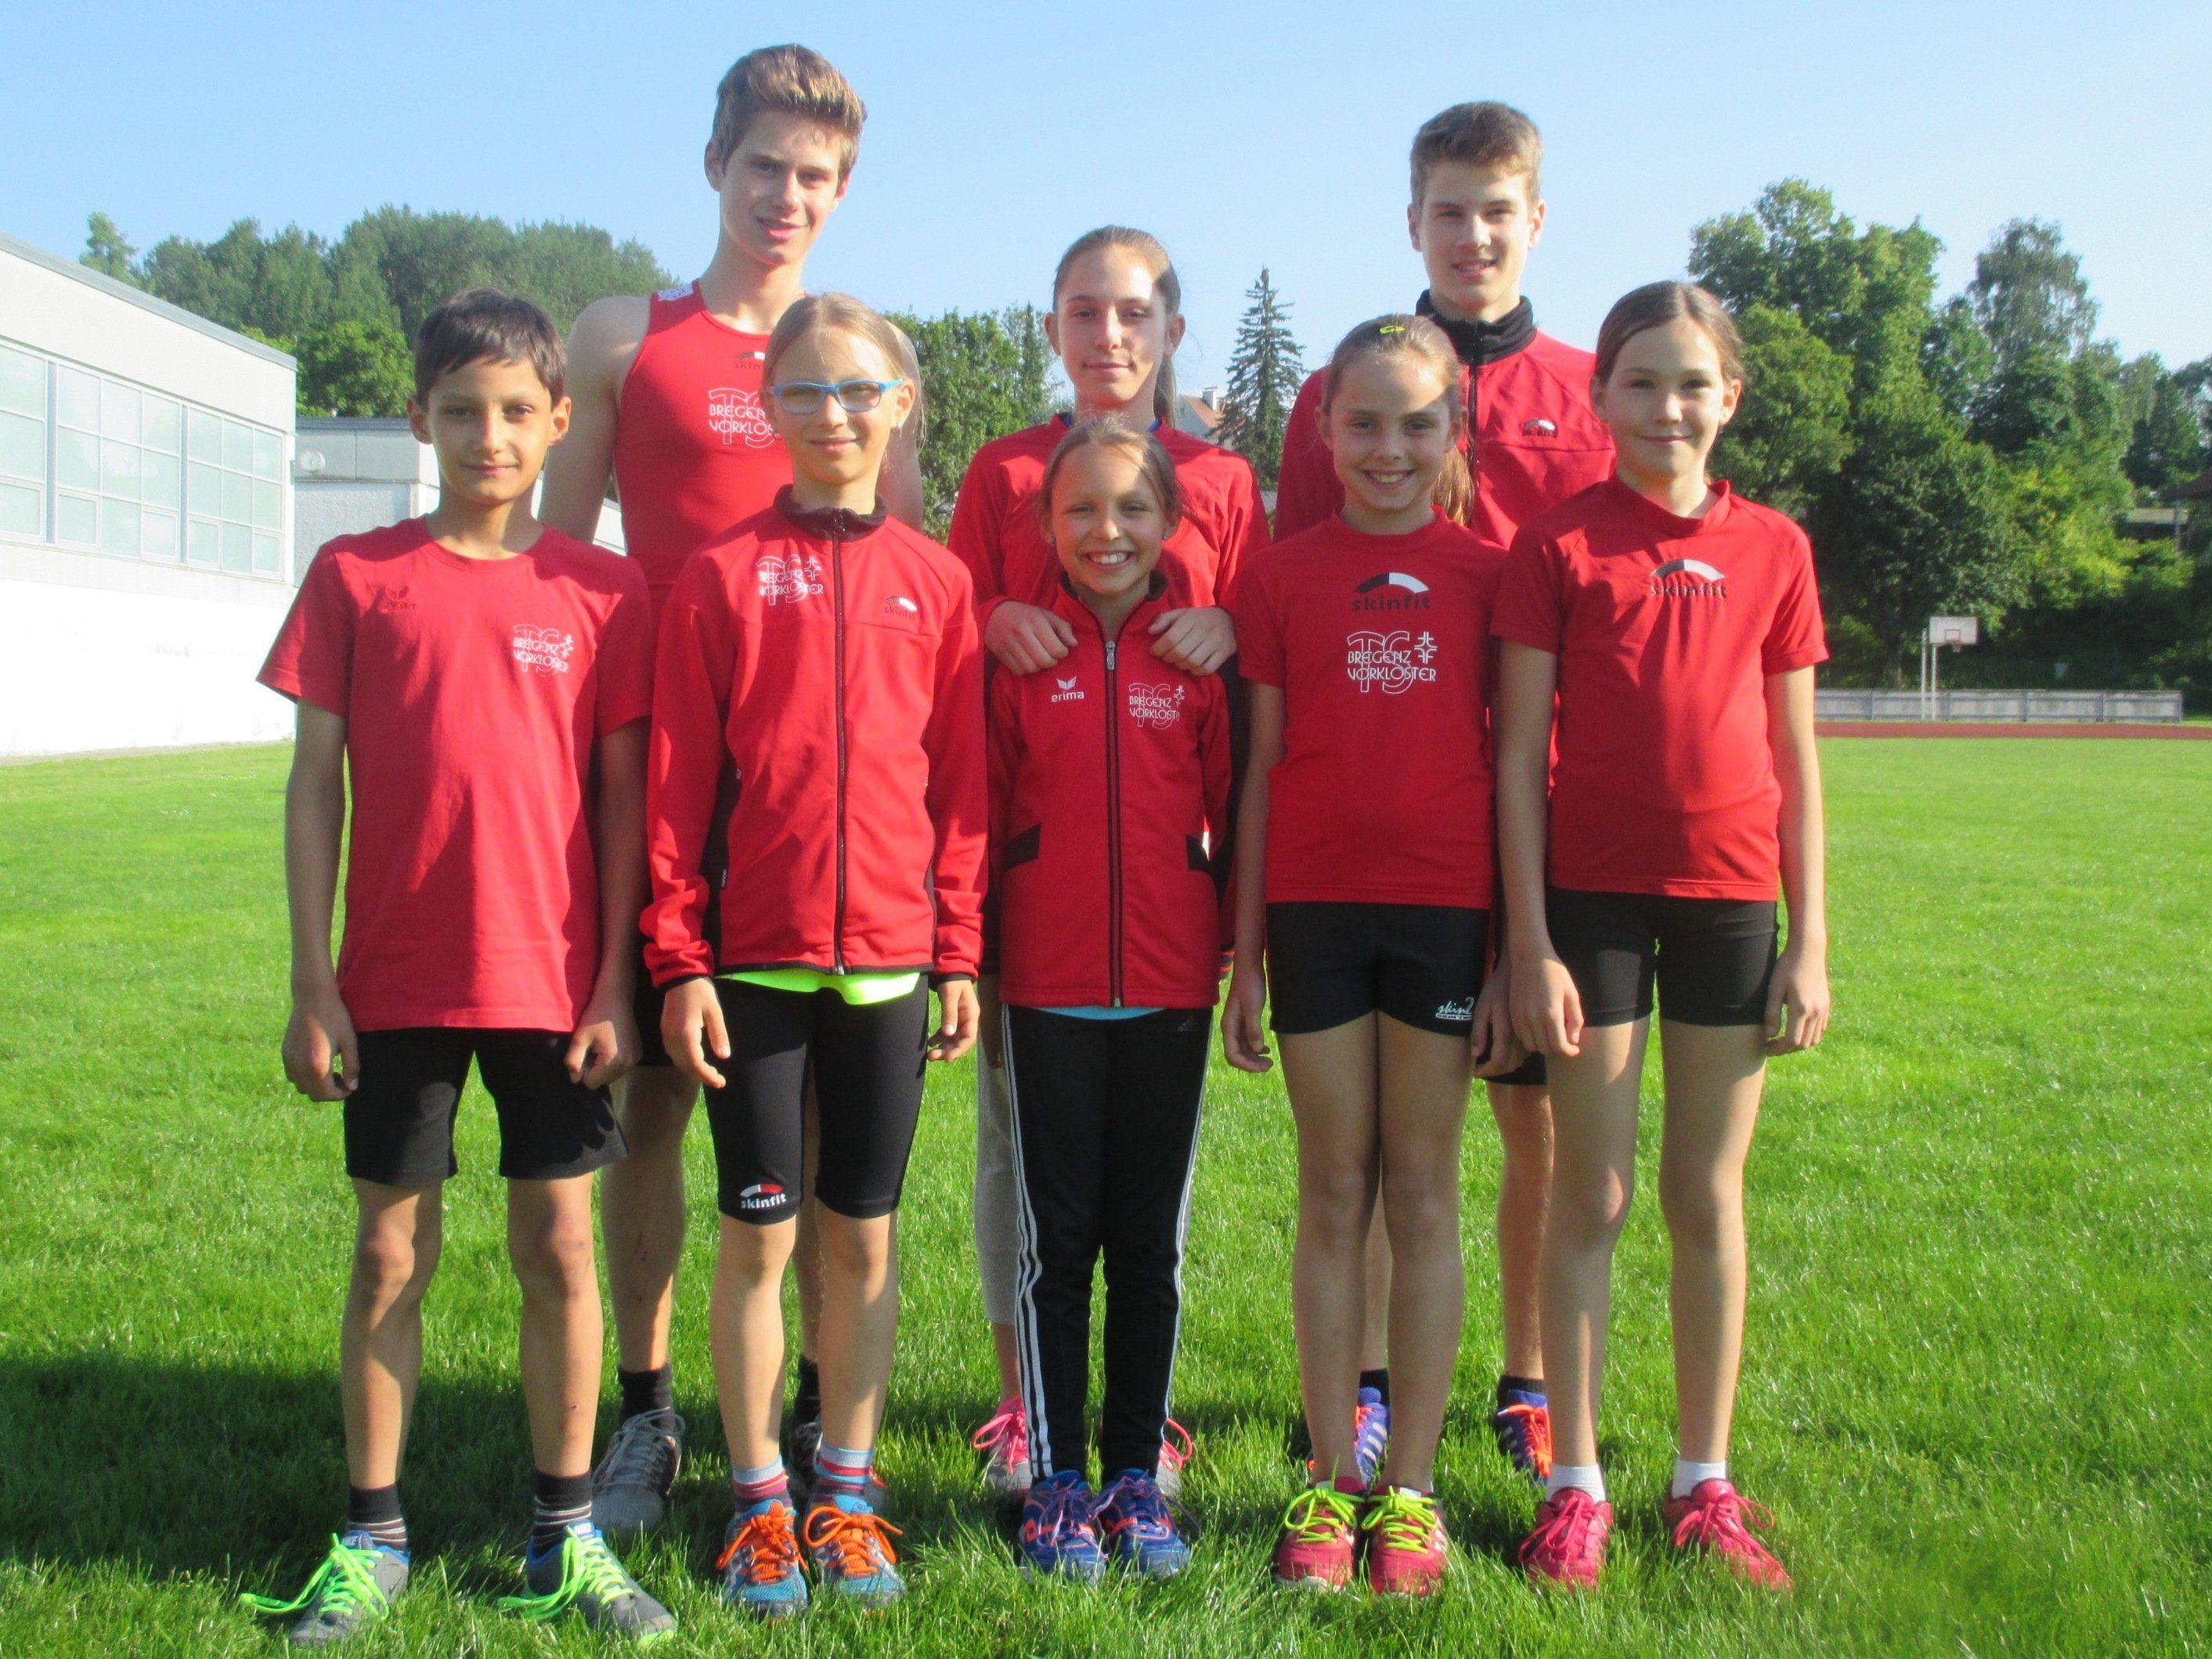 Die Medaillengewinner der TS Bregenz-Vorkloster an den VLV-Meisterschaften und Hindernismeisterschaften in Bludenz.